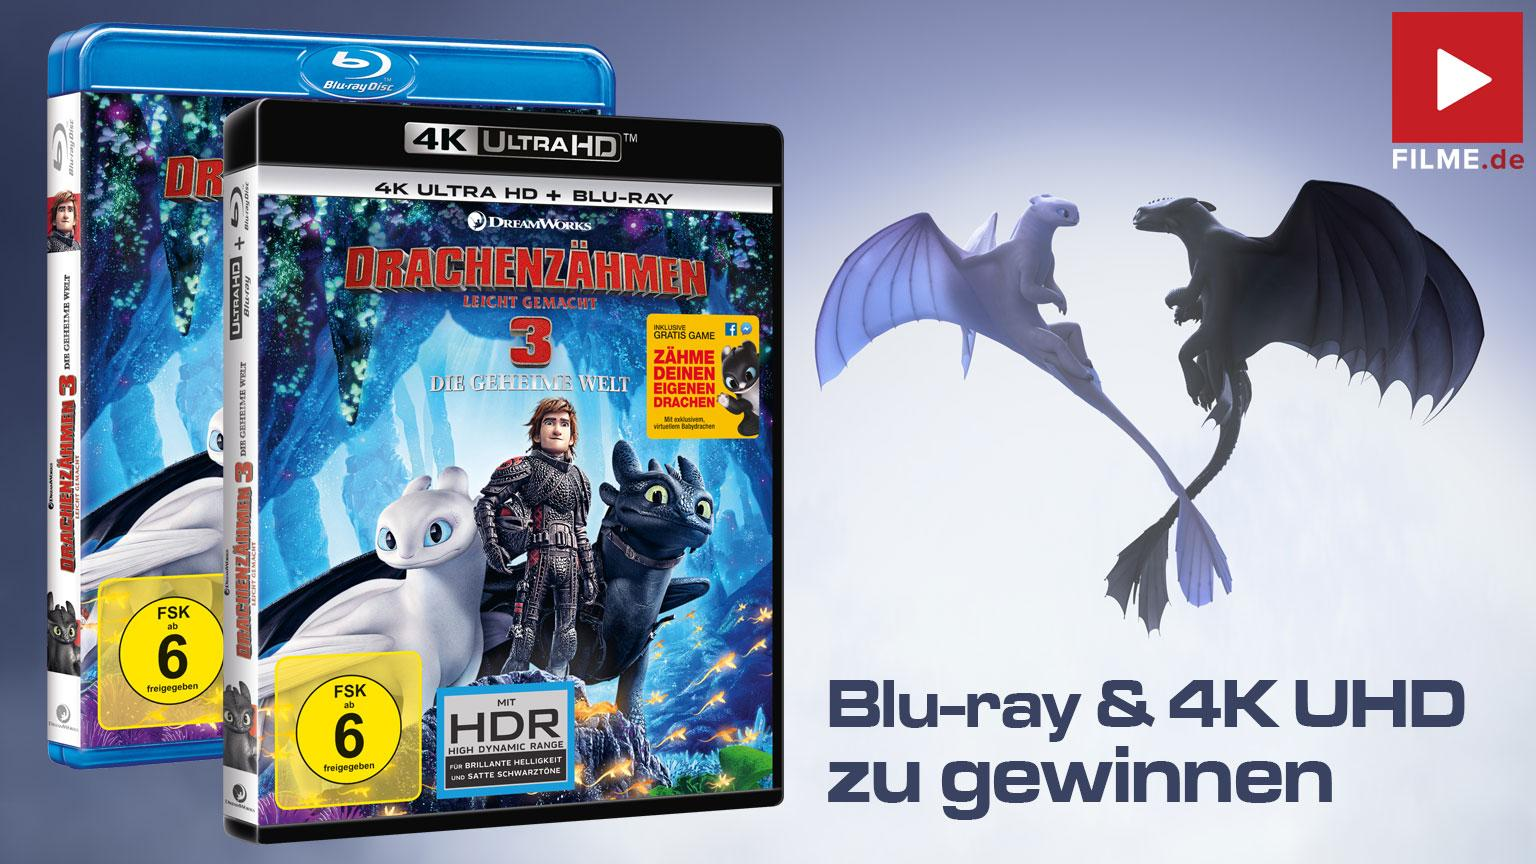 Drachenzähmen leicht gemacht 3 Gewinnspiel Blu-ray 4K UHD Artikelbild